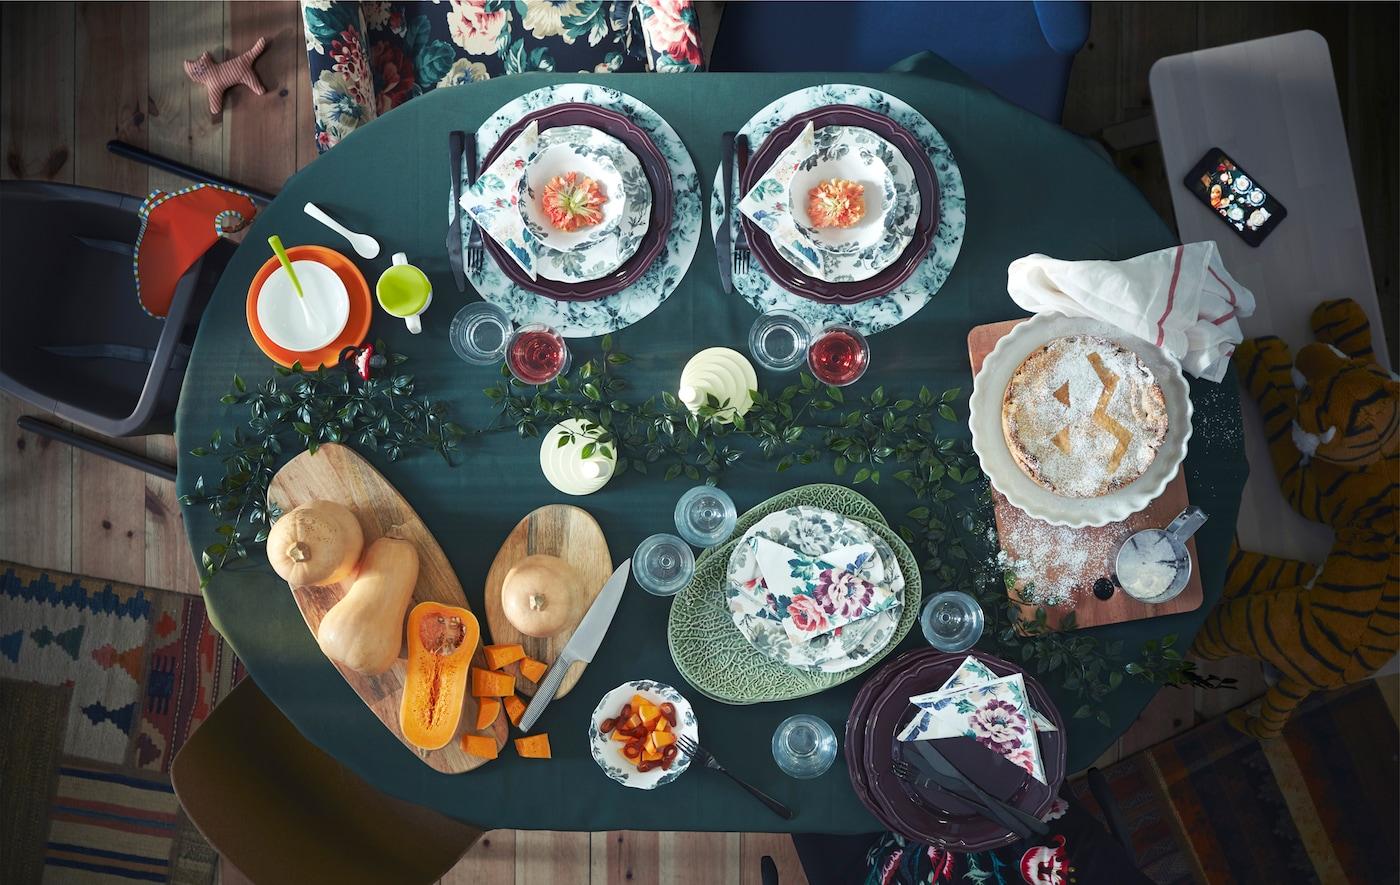 Okupi cijelu obitelj oko prostranog blagovaonskog stola, kao što je IKEA INGATORP stol, i tako uživajte u kvalitetno provedenom vremenu.